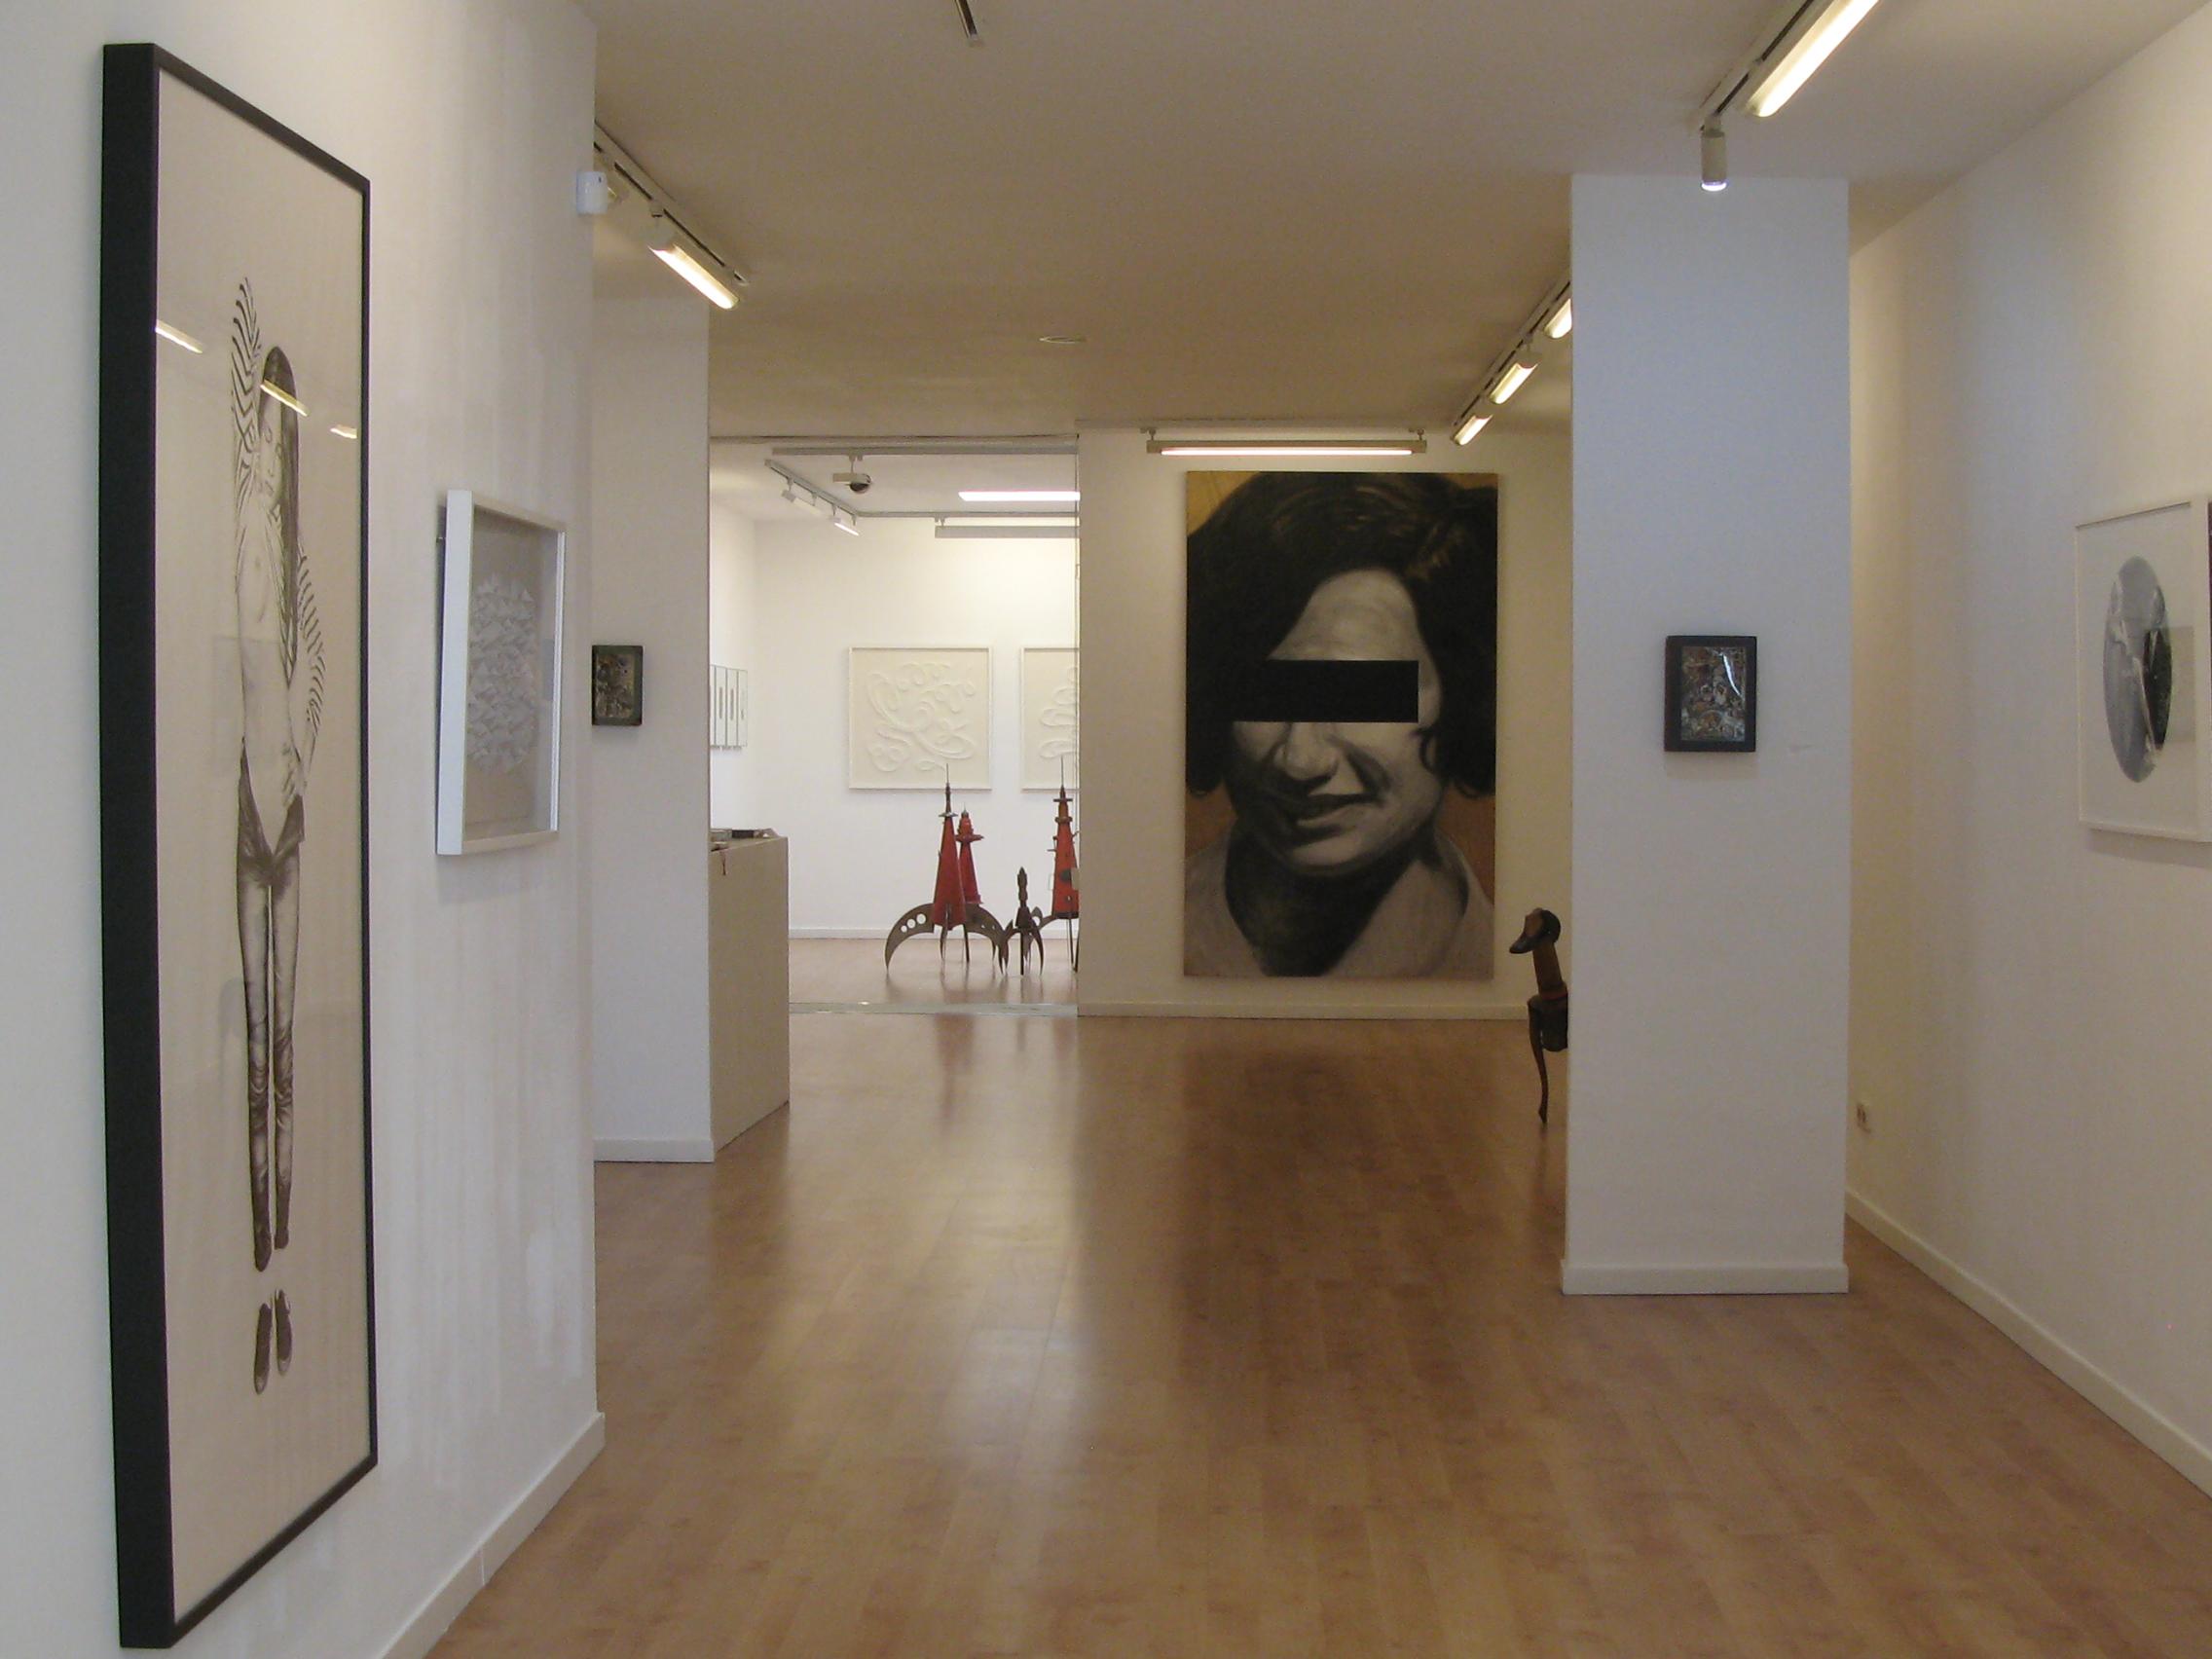 Galería Victor -Lope -Mainroom y Showroom al fondo.JPG